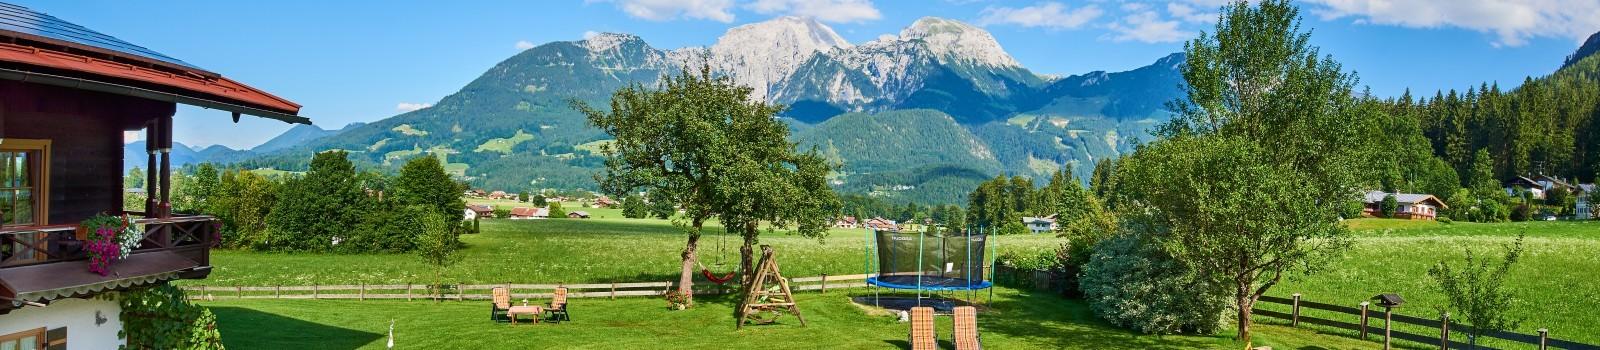 Aussicht Ferienwohnungen Grünsteineck